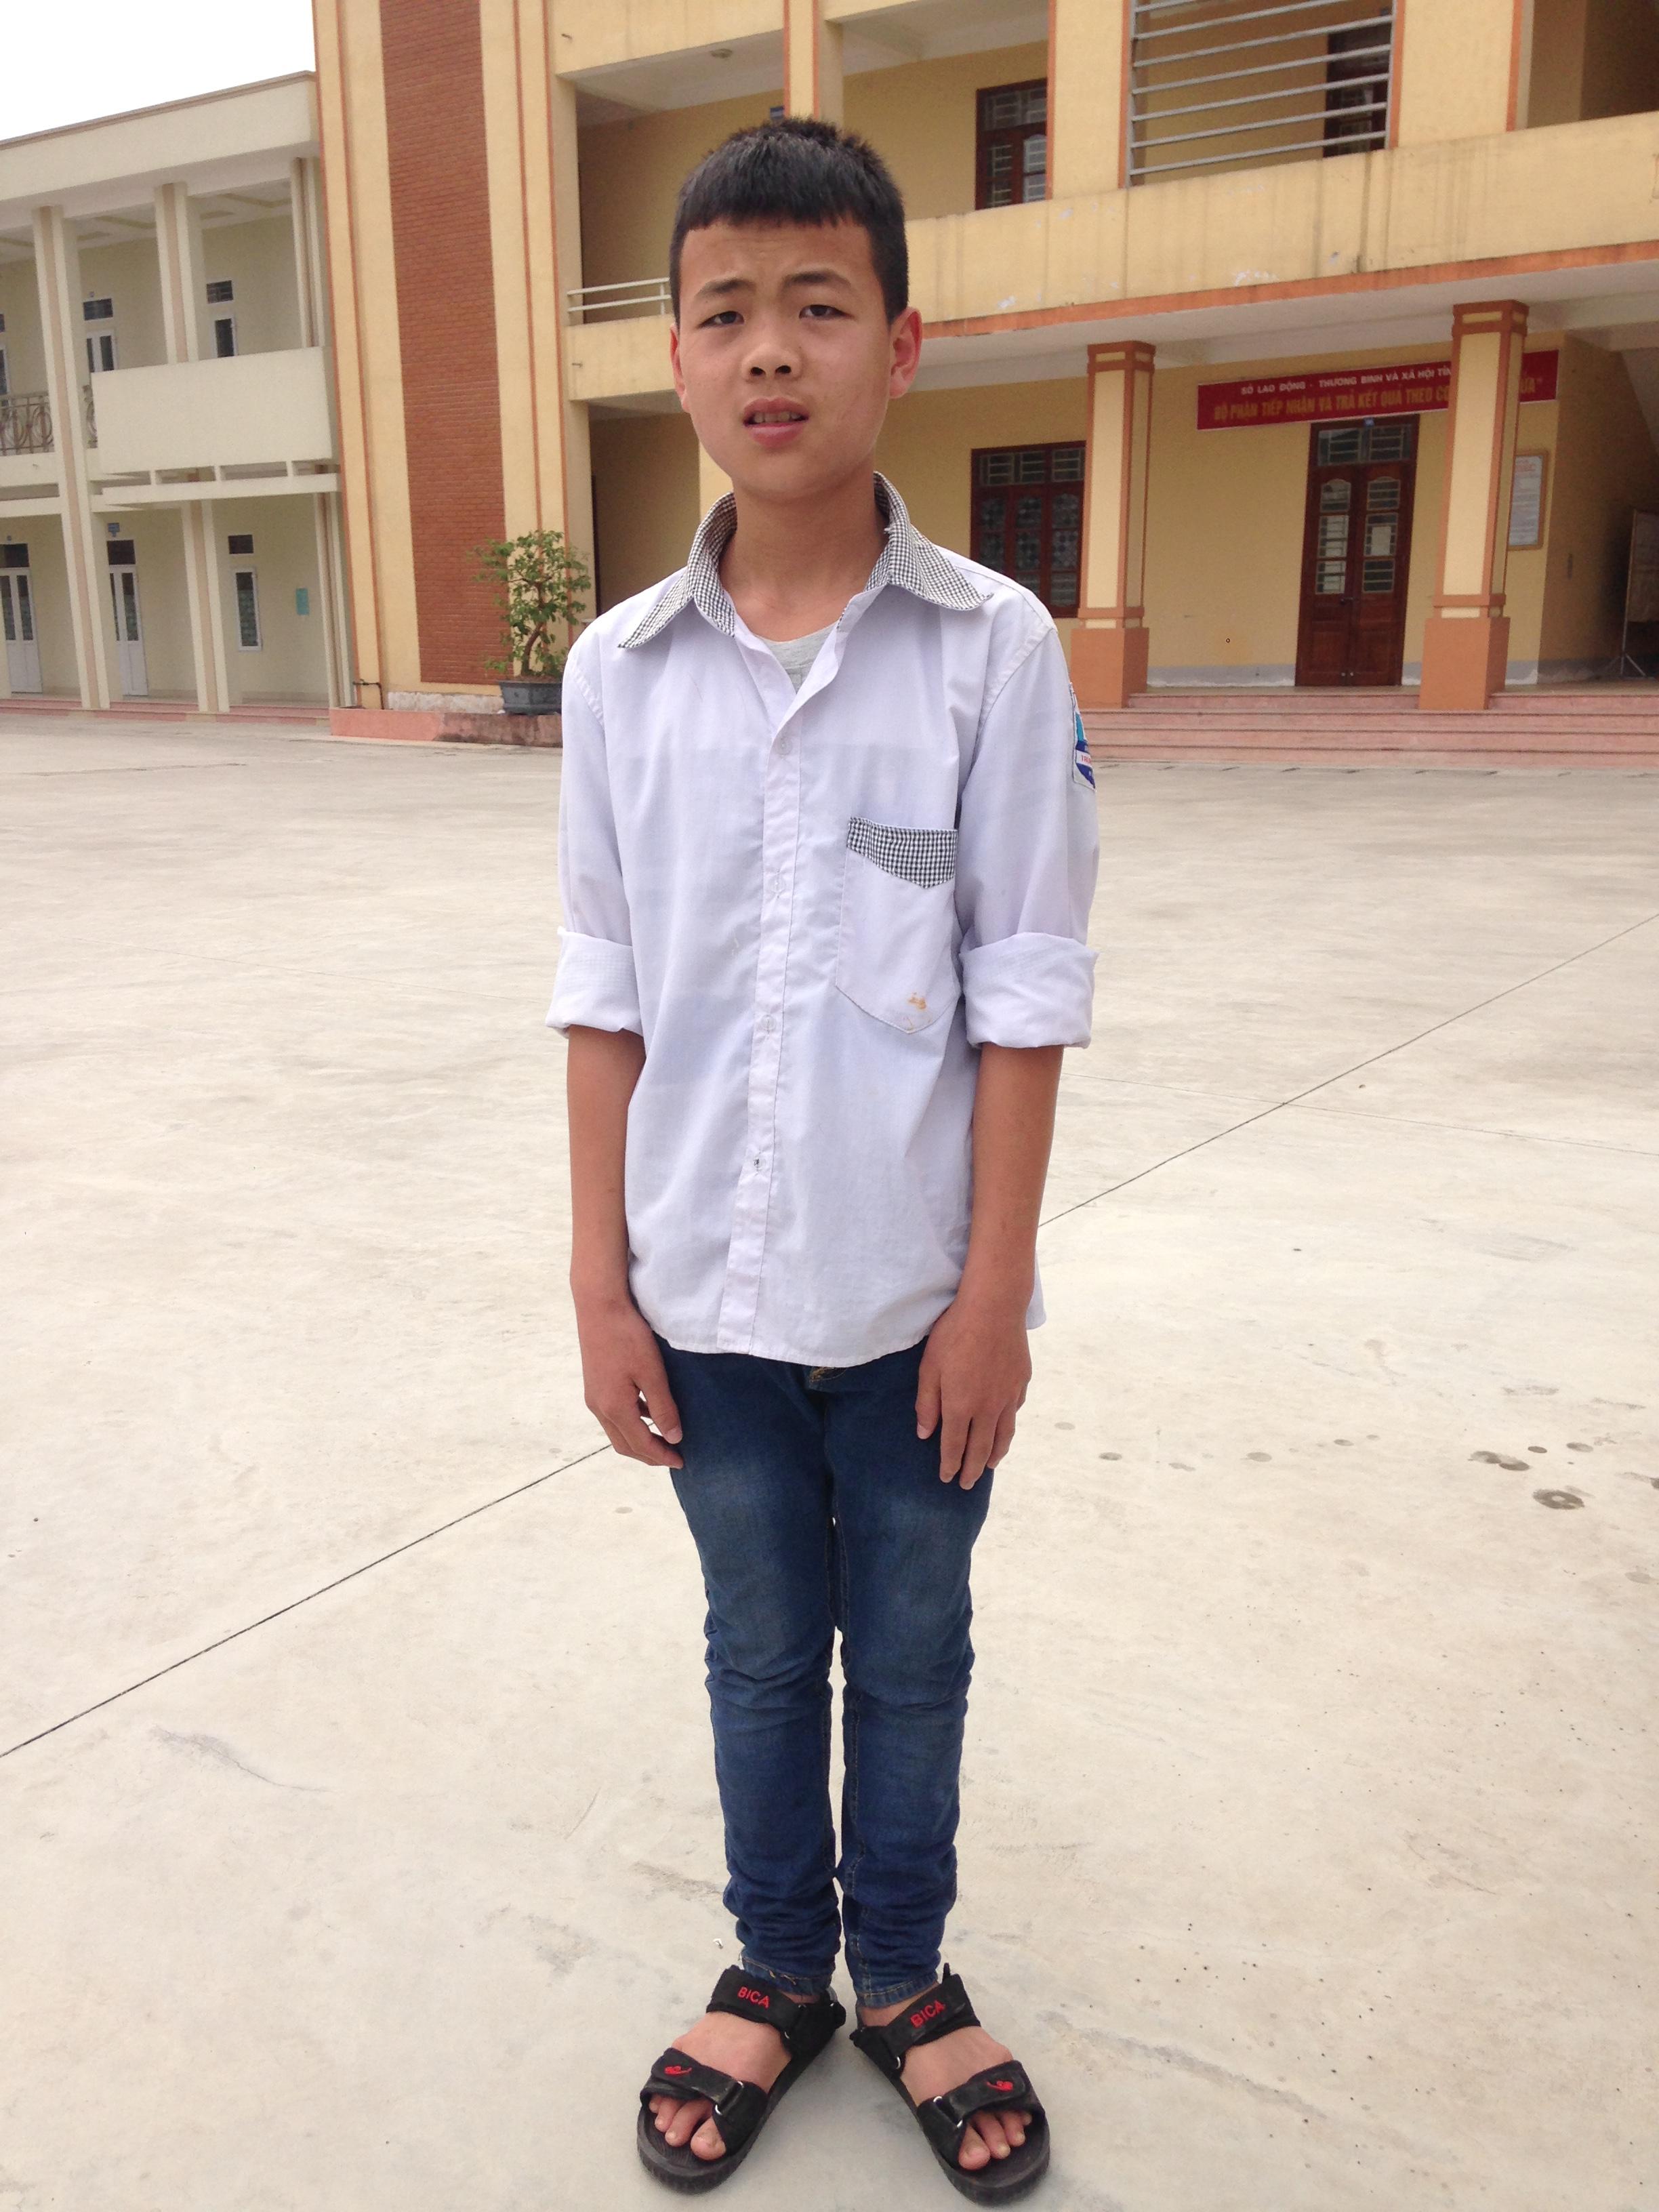 GUES_TRAN Anh Quyet